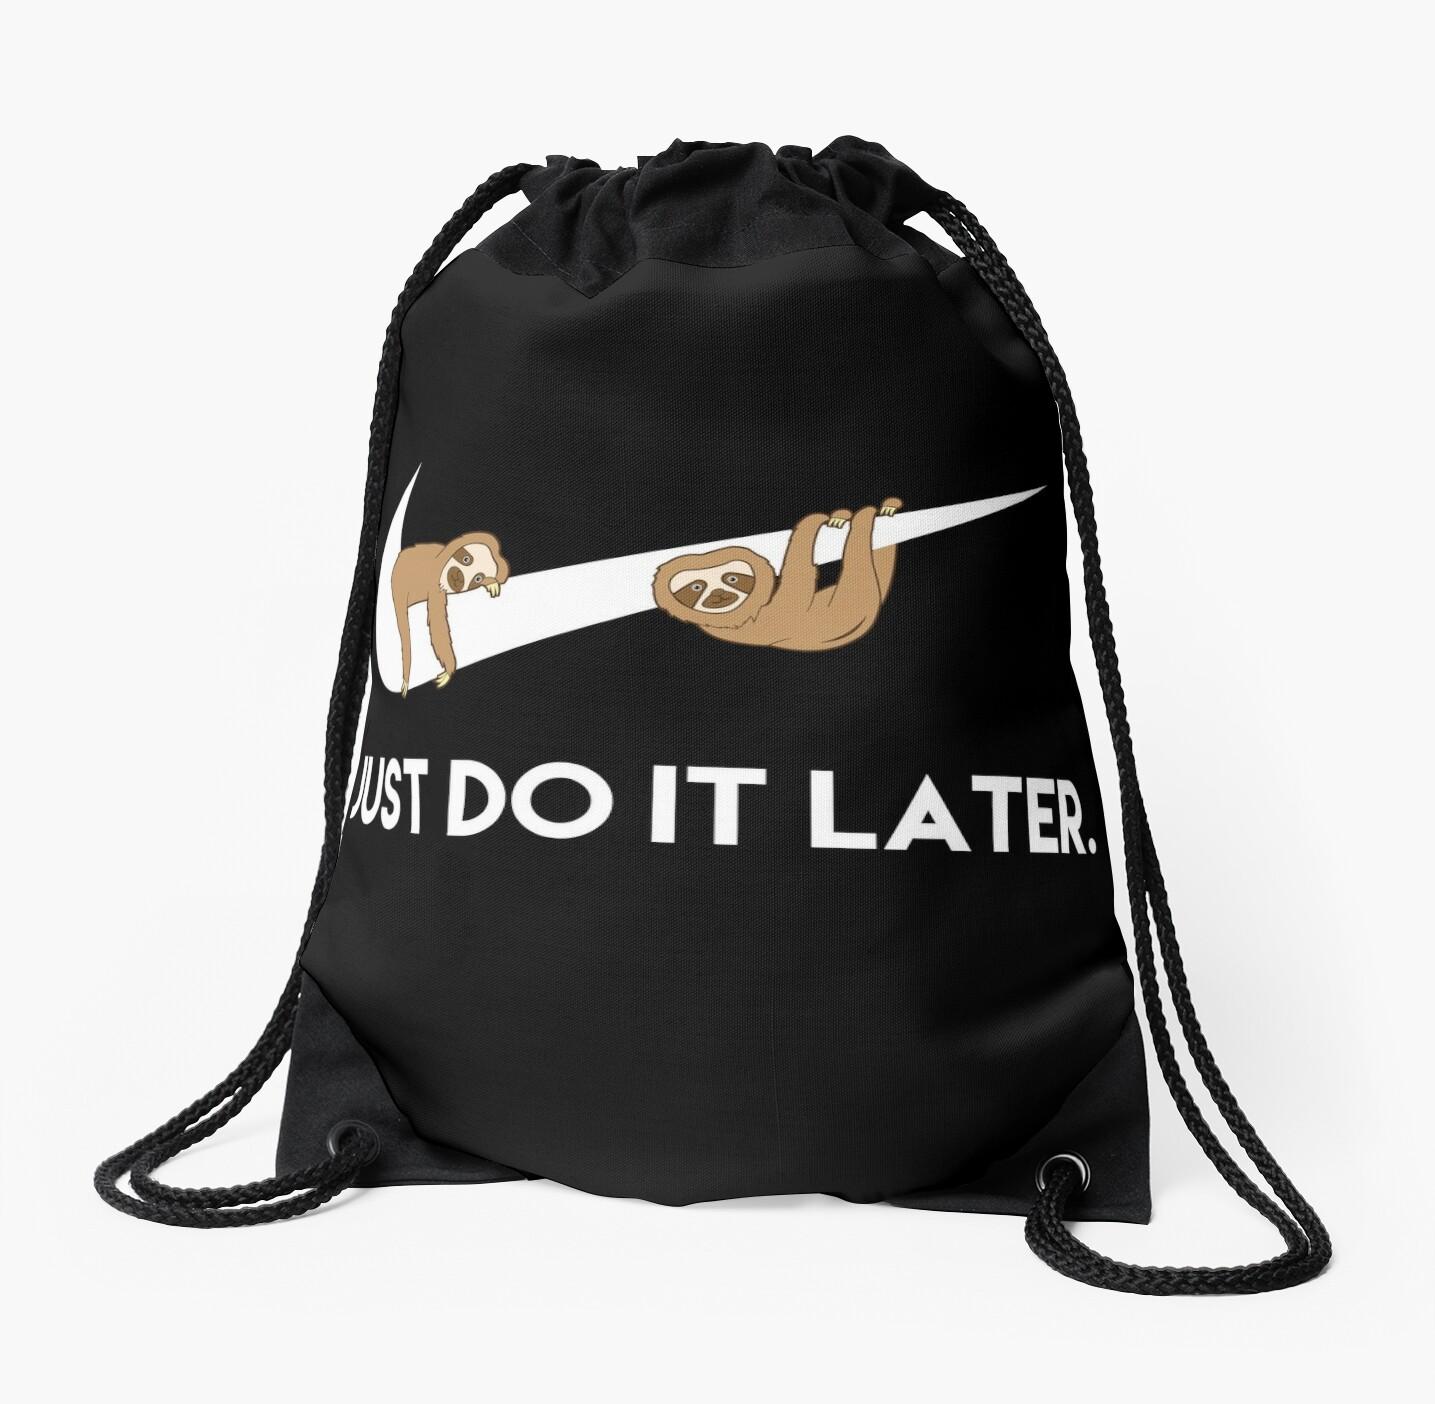 Just Do It Later. Sloths. by LemonRindDesign